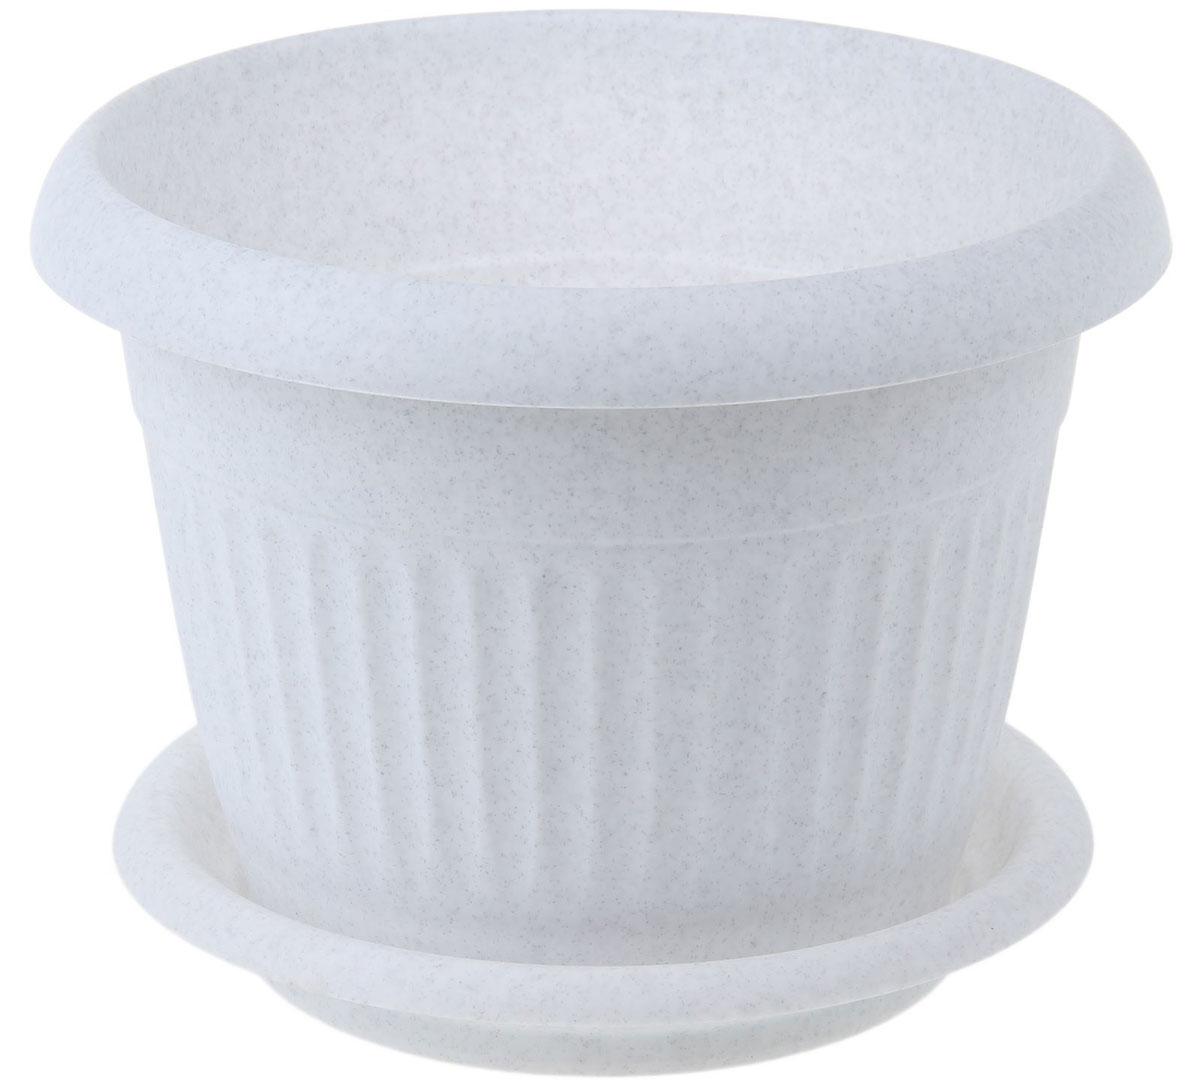 Кашпо Idea Ливия, с поддоном, цвет: мраморный, 26 лZ-0307Кашпо Idea Ливия изготовлено из прочного полипропилена (пластика) и предназначено для выращивания растений, цветов и трав в домашних условиях. Круглый поддон обеспечивает сток воды. Такое кашпо порадует вас функциональностью, а благодаря лаконичному дизайну впишется в любой интерьер помещения. Диаметр кашпо по верхнему краю: 42 см. Объем кашпо: 26 л.